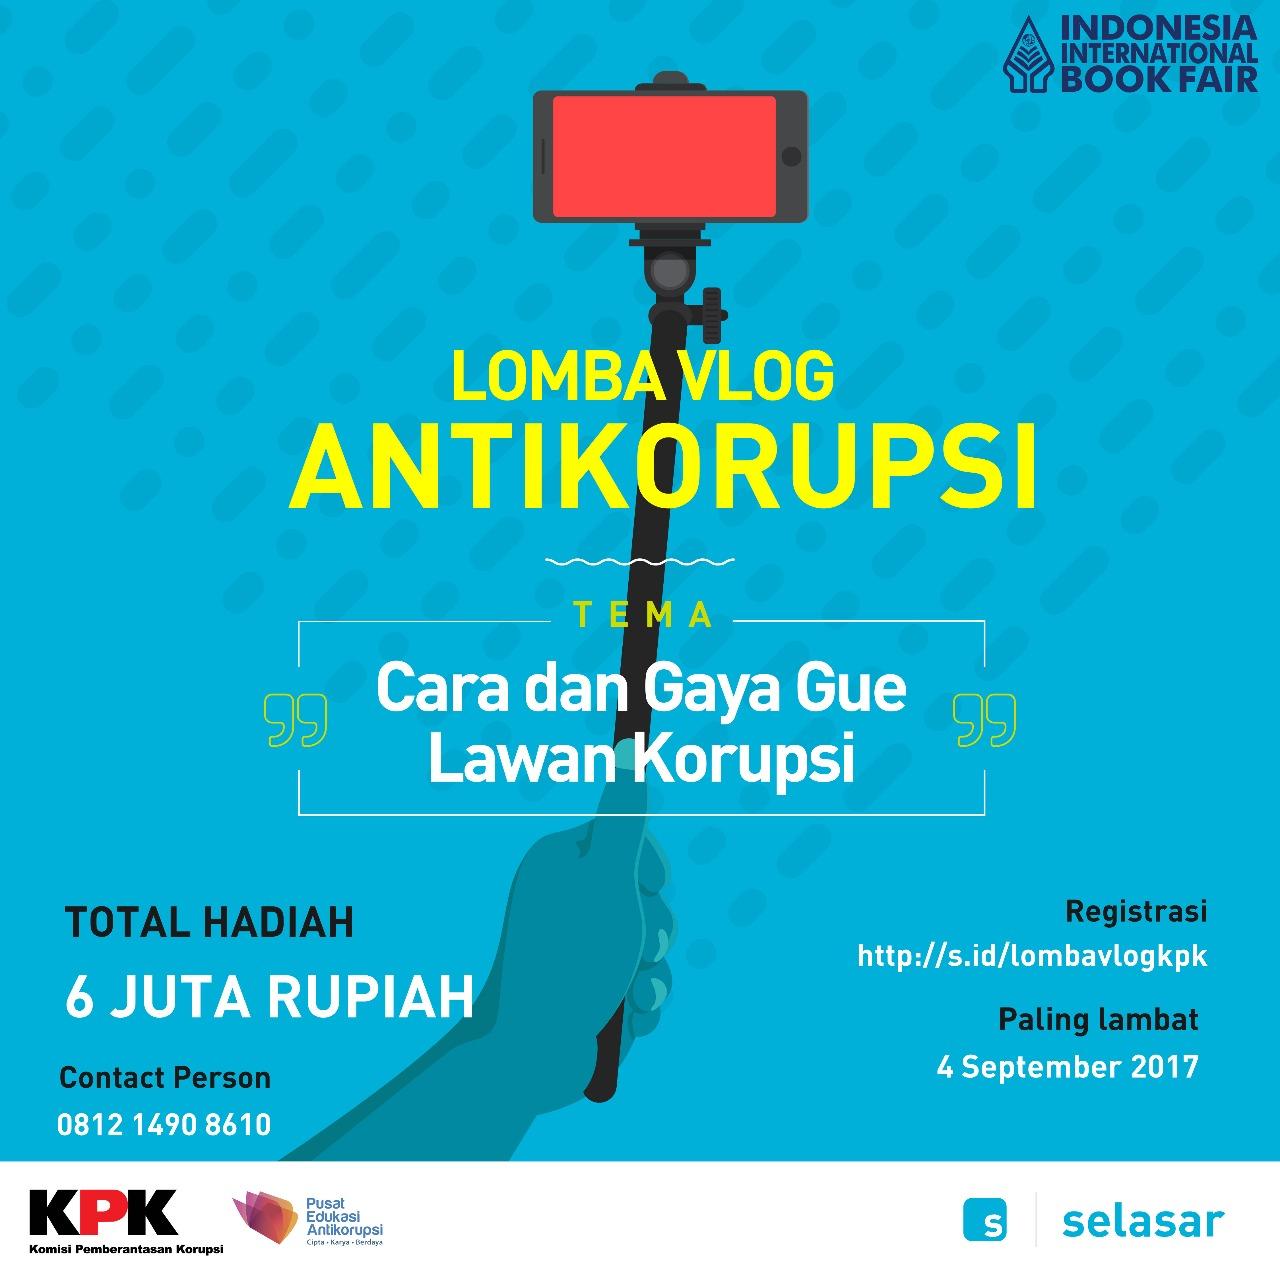 Lomba Vlog Anti Korupsi